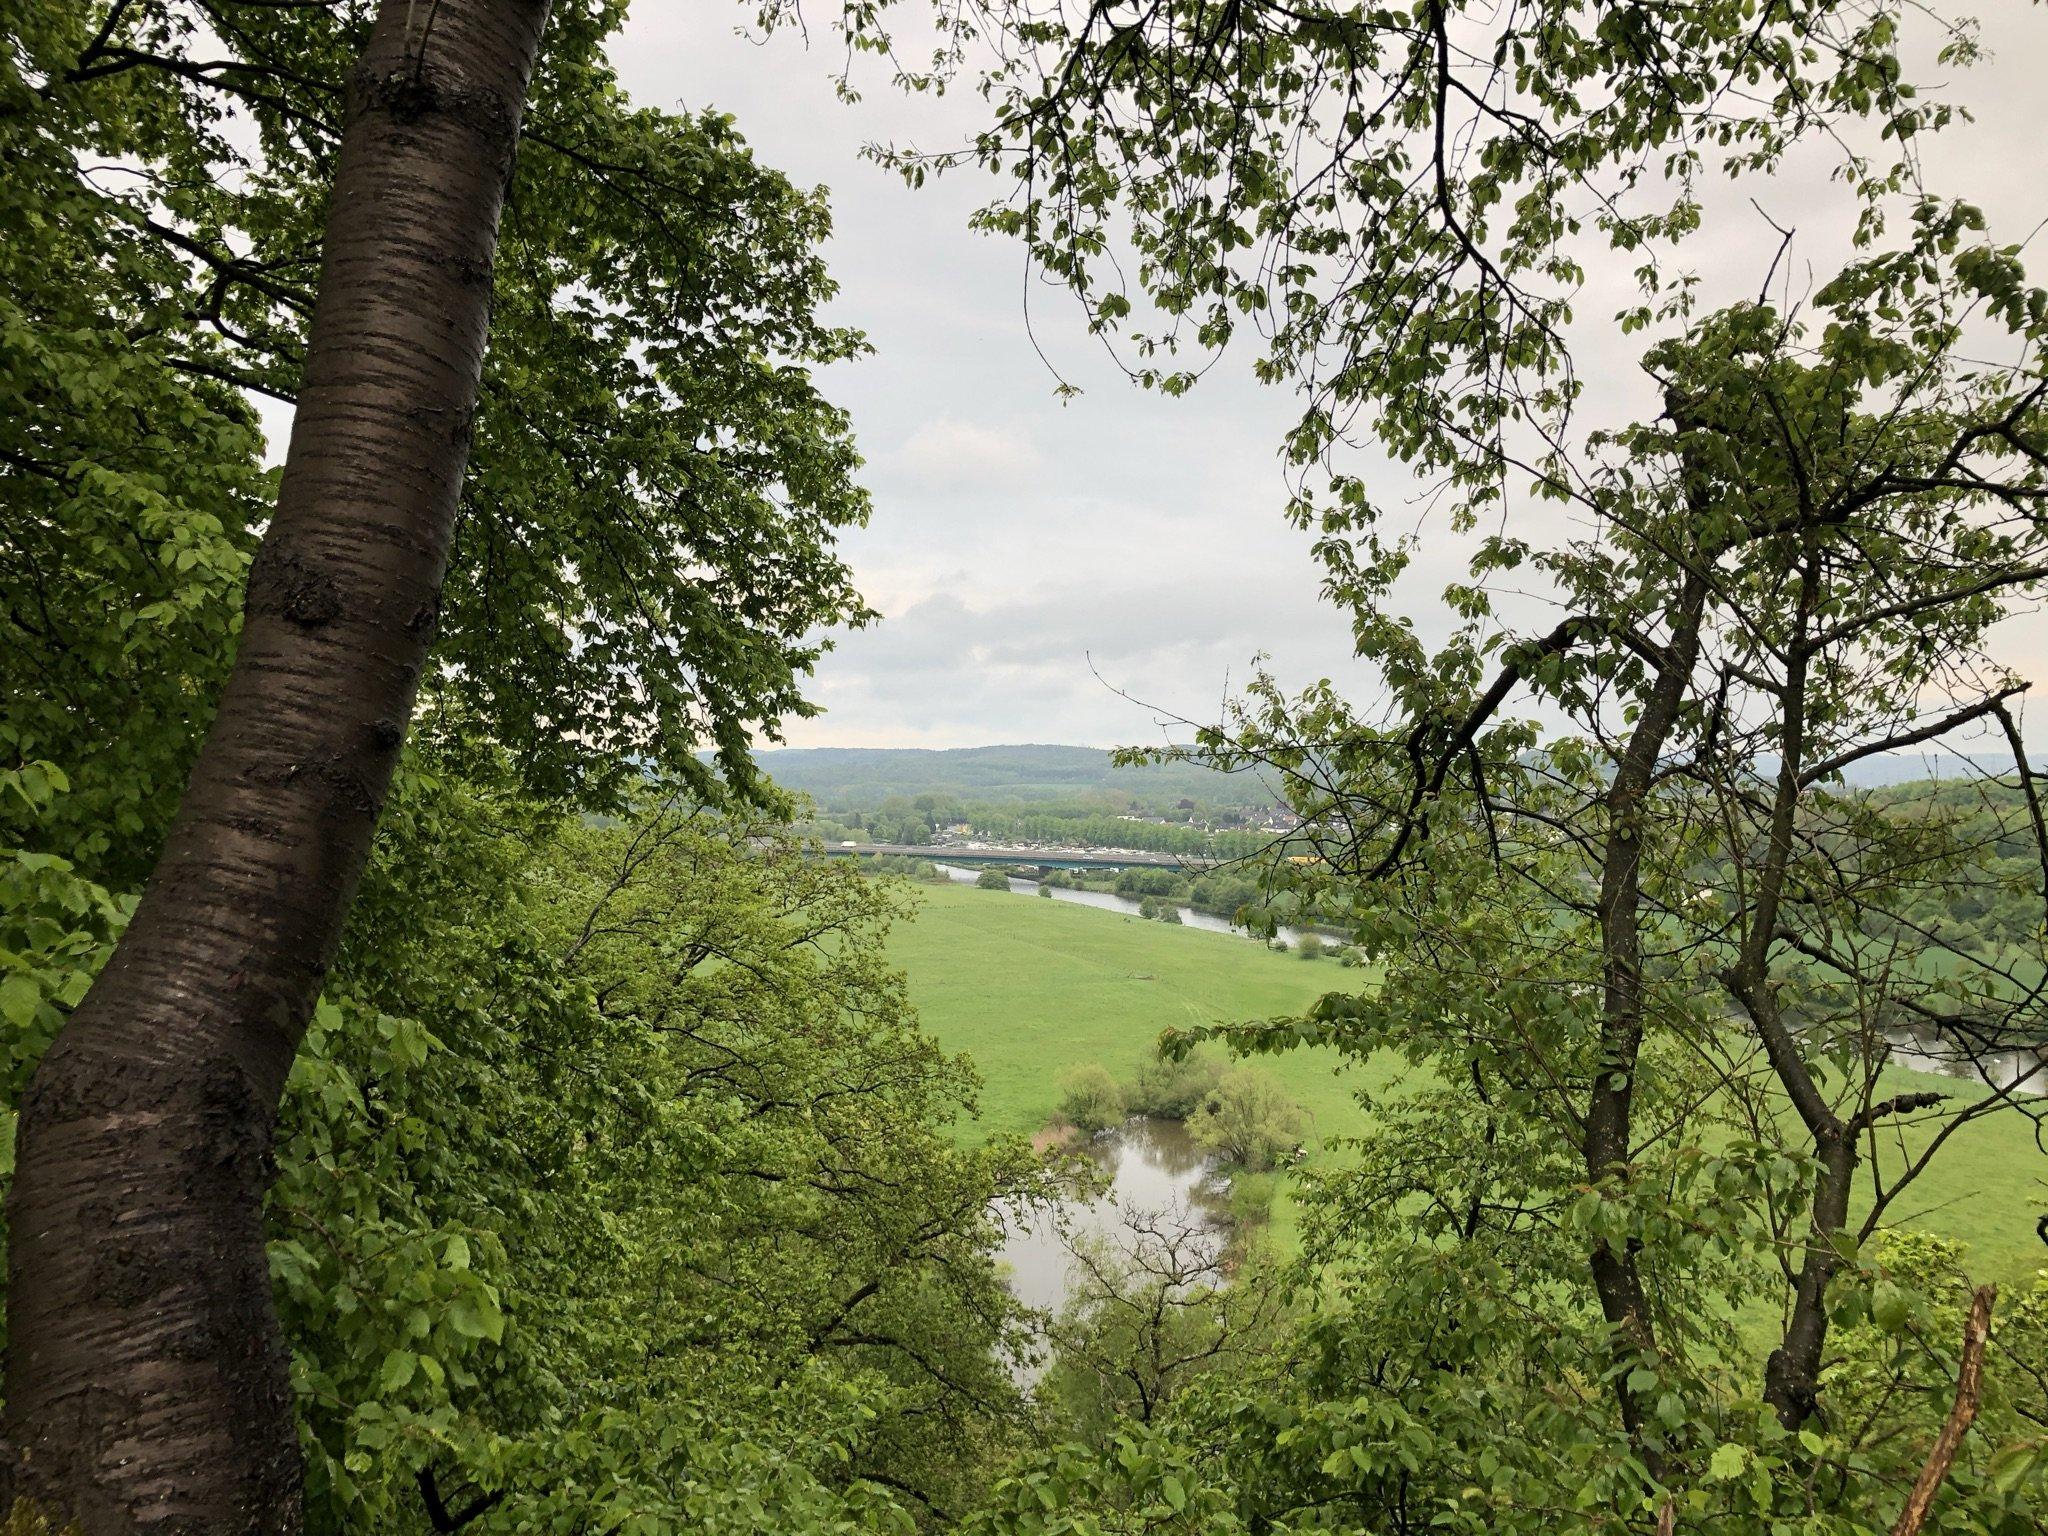 Blick auf die Ruhr und die grüne Umgebung